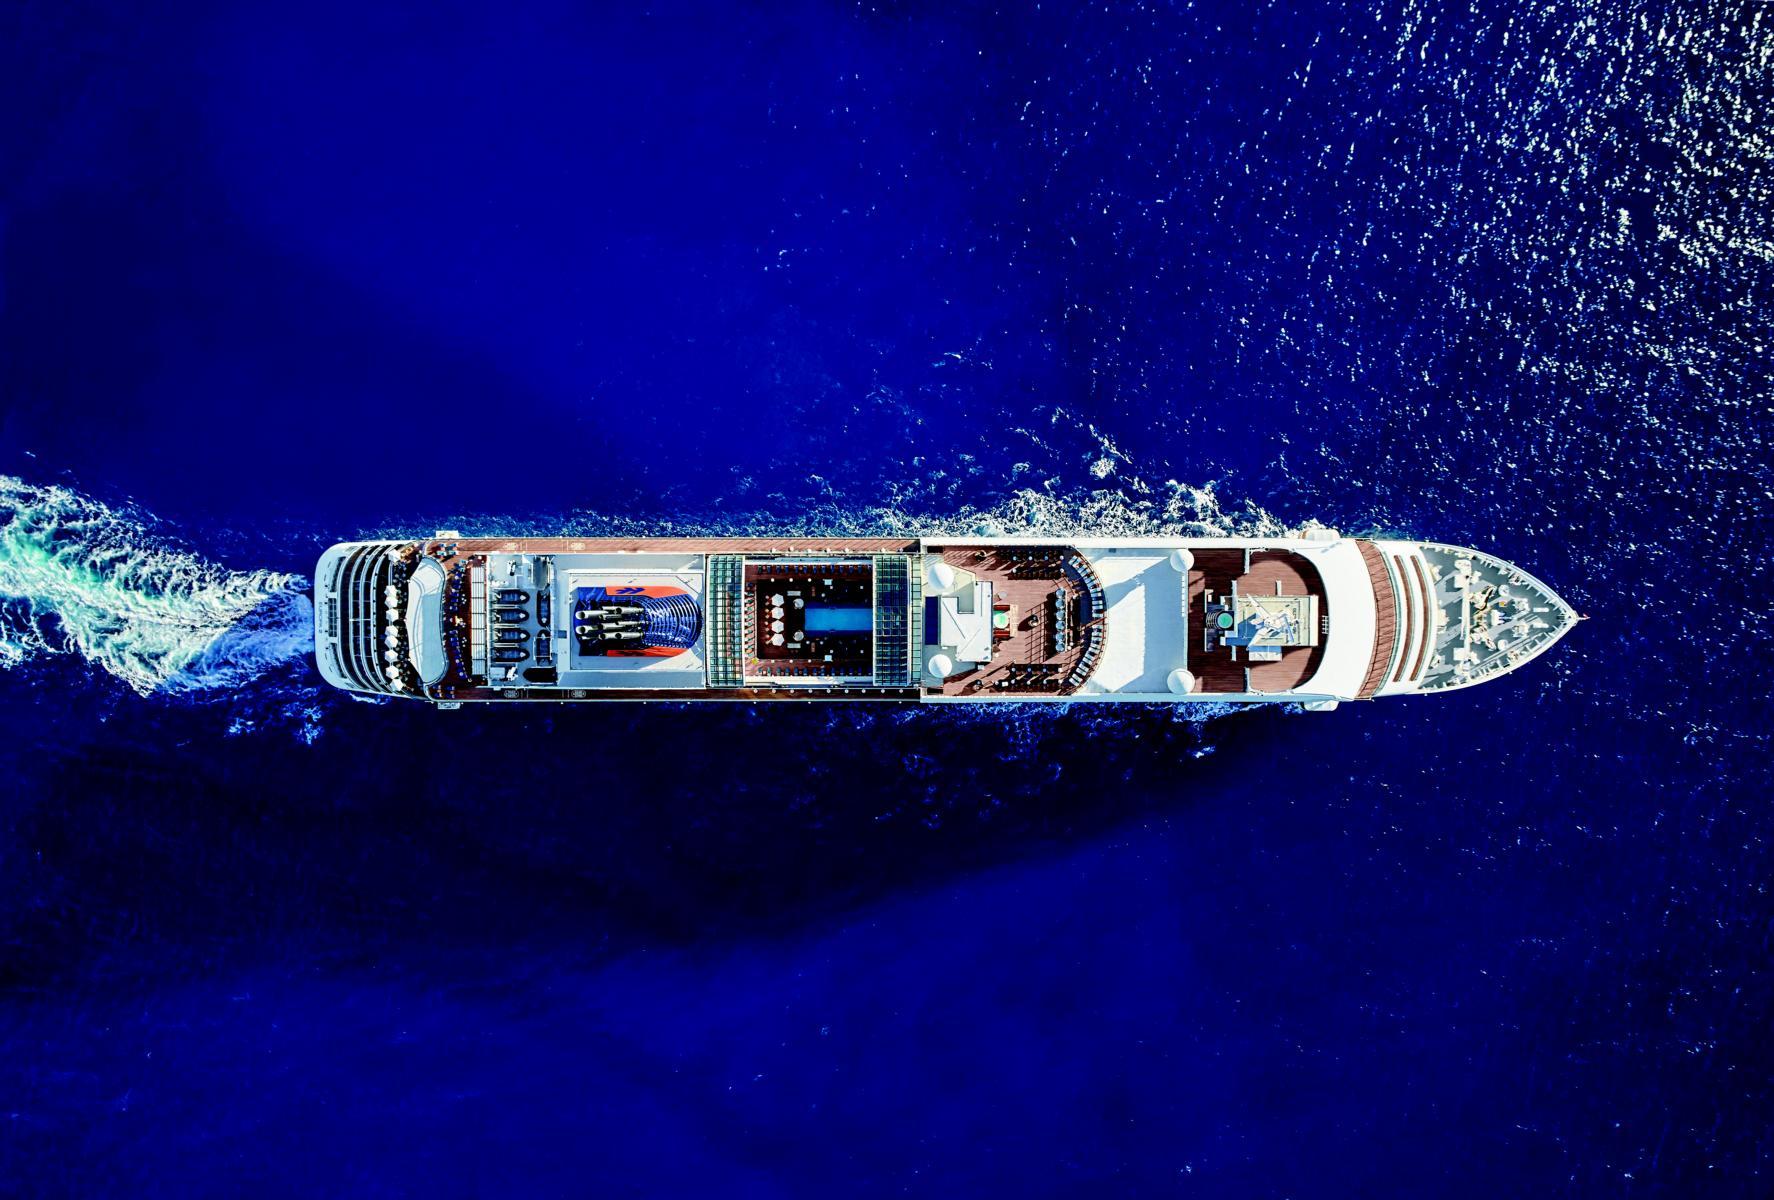 MS Europa 2 auf offener See von oben